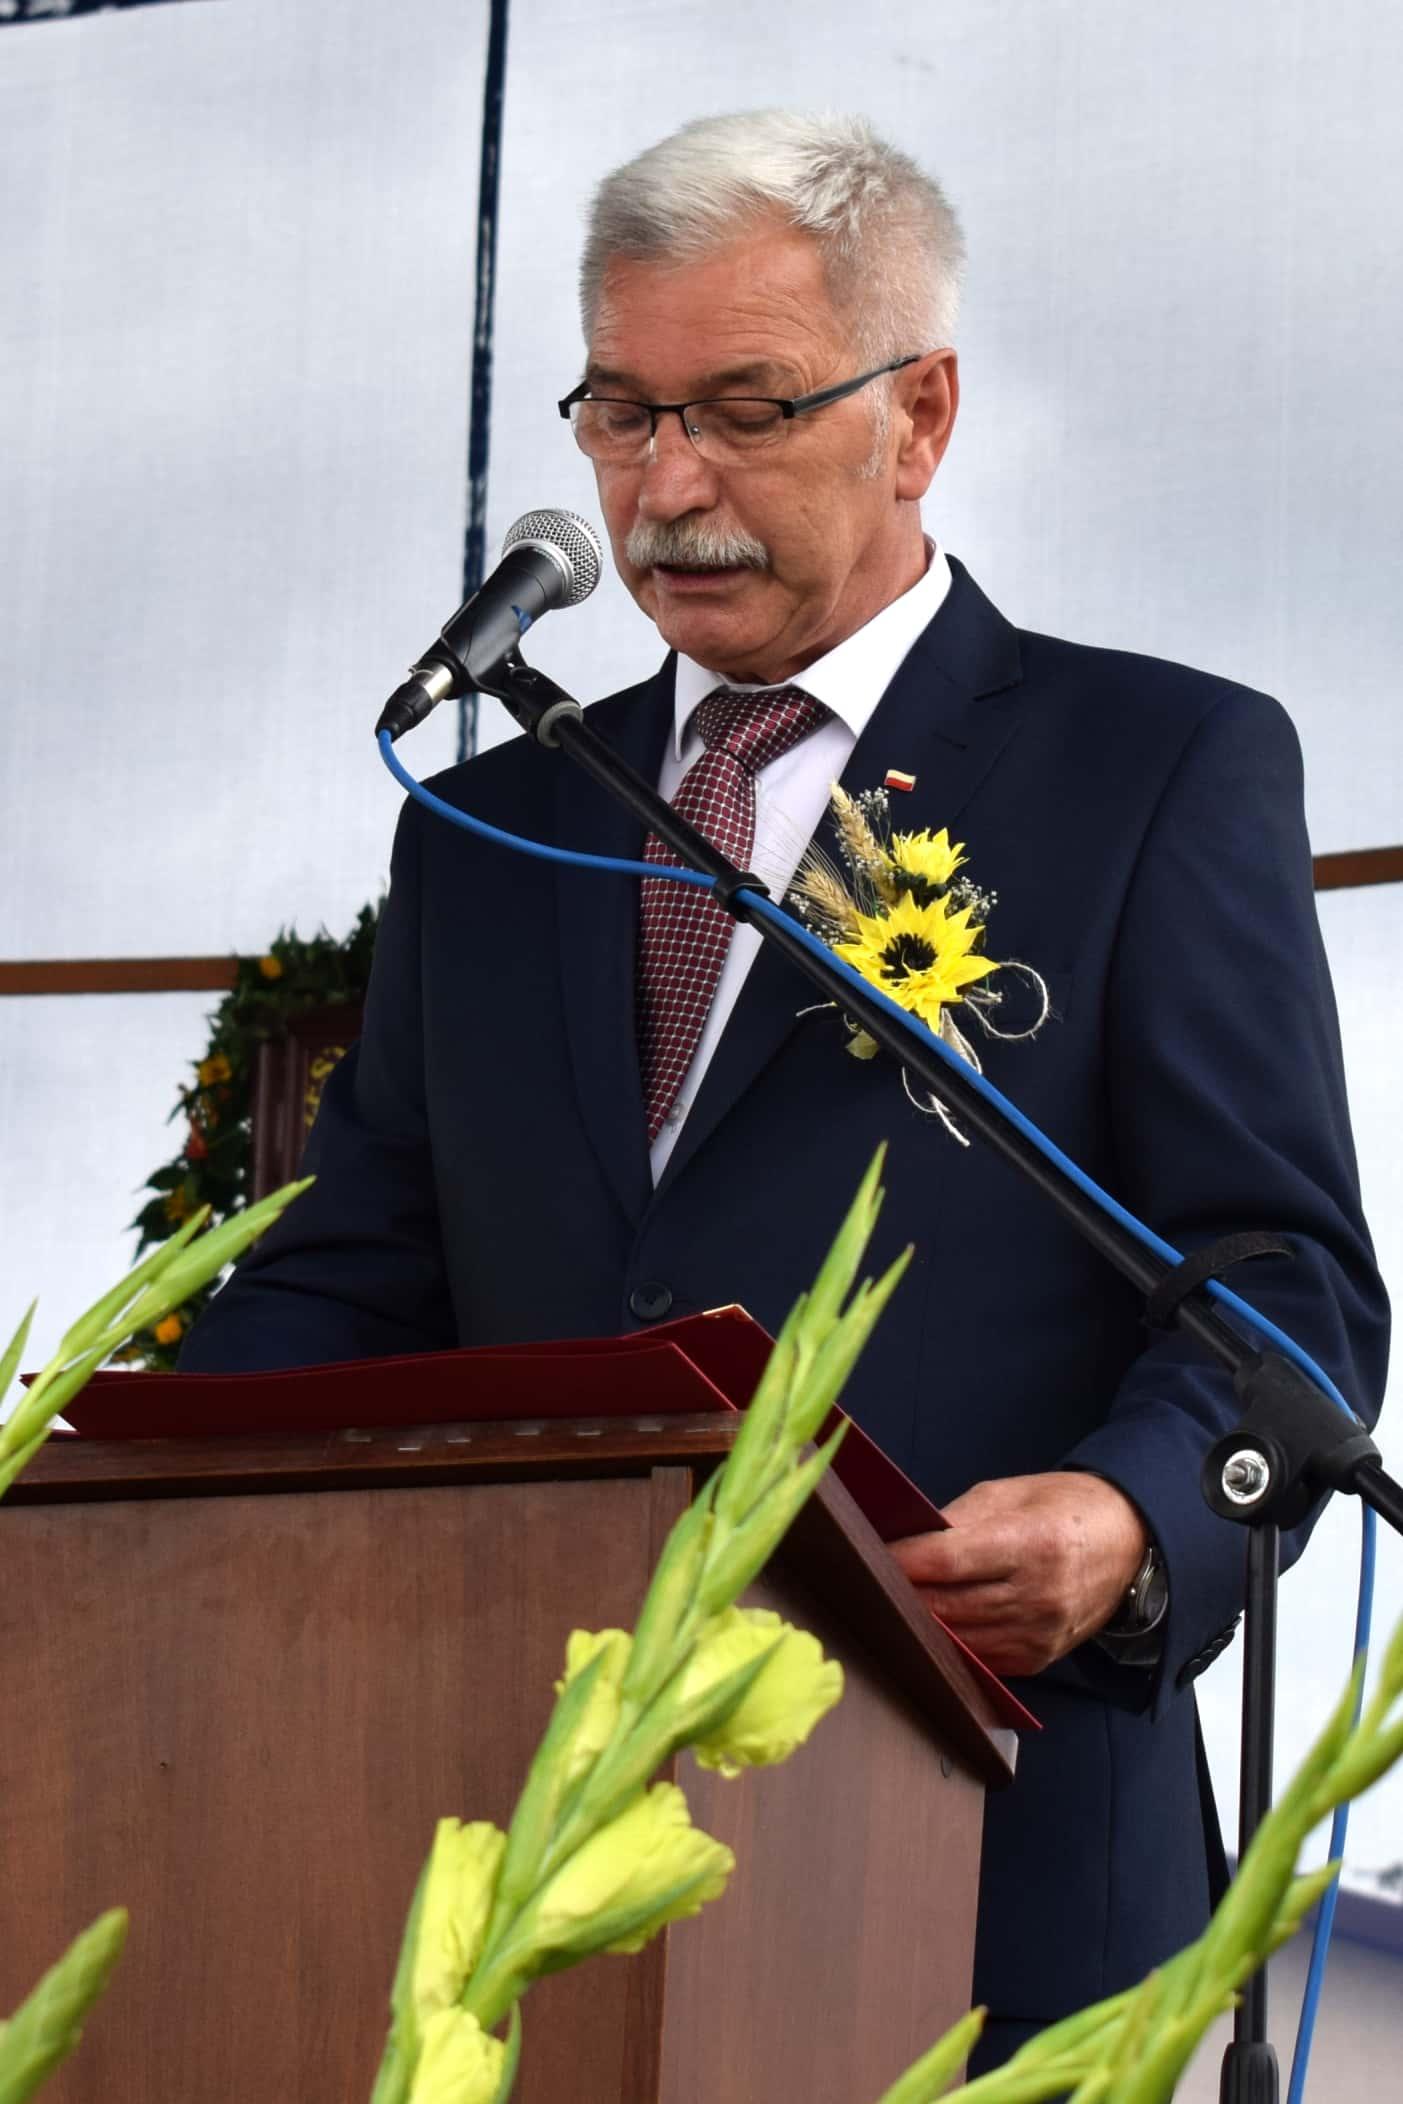 dsc 0564a 23 sierpnia odbyły się Dożynki Powiatowo-Gminne w Łabuniach. Publikujemy zdjęcia